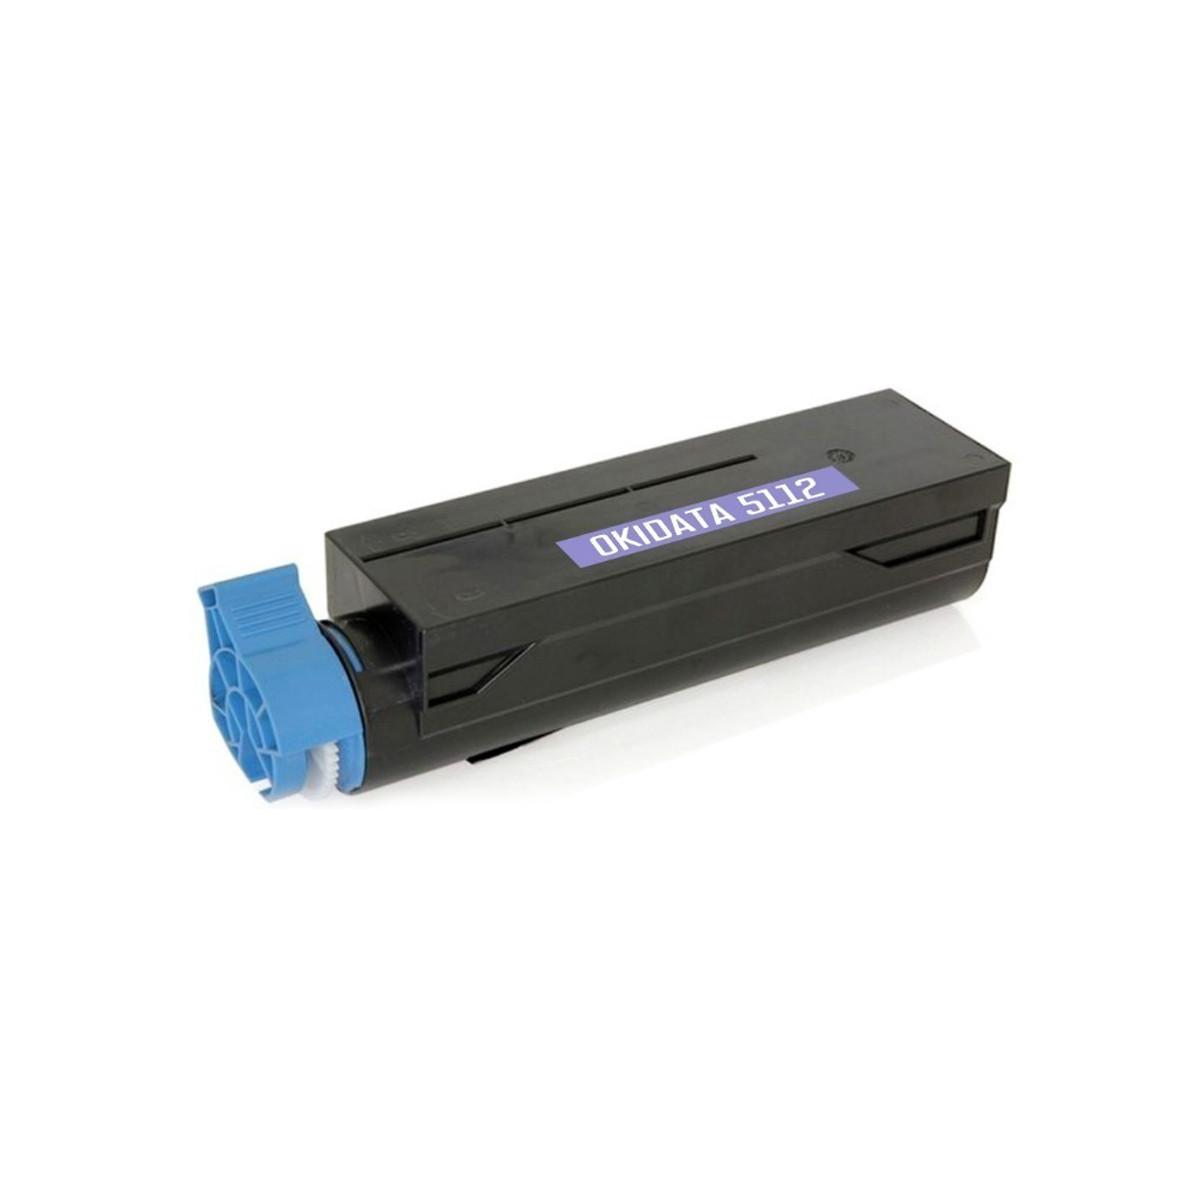 Toner Compatível com Okidata ES-4172 ES-5112 ES-5162 | 45807129 45807115 | Katun Select 12k